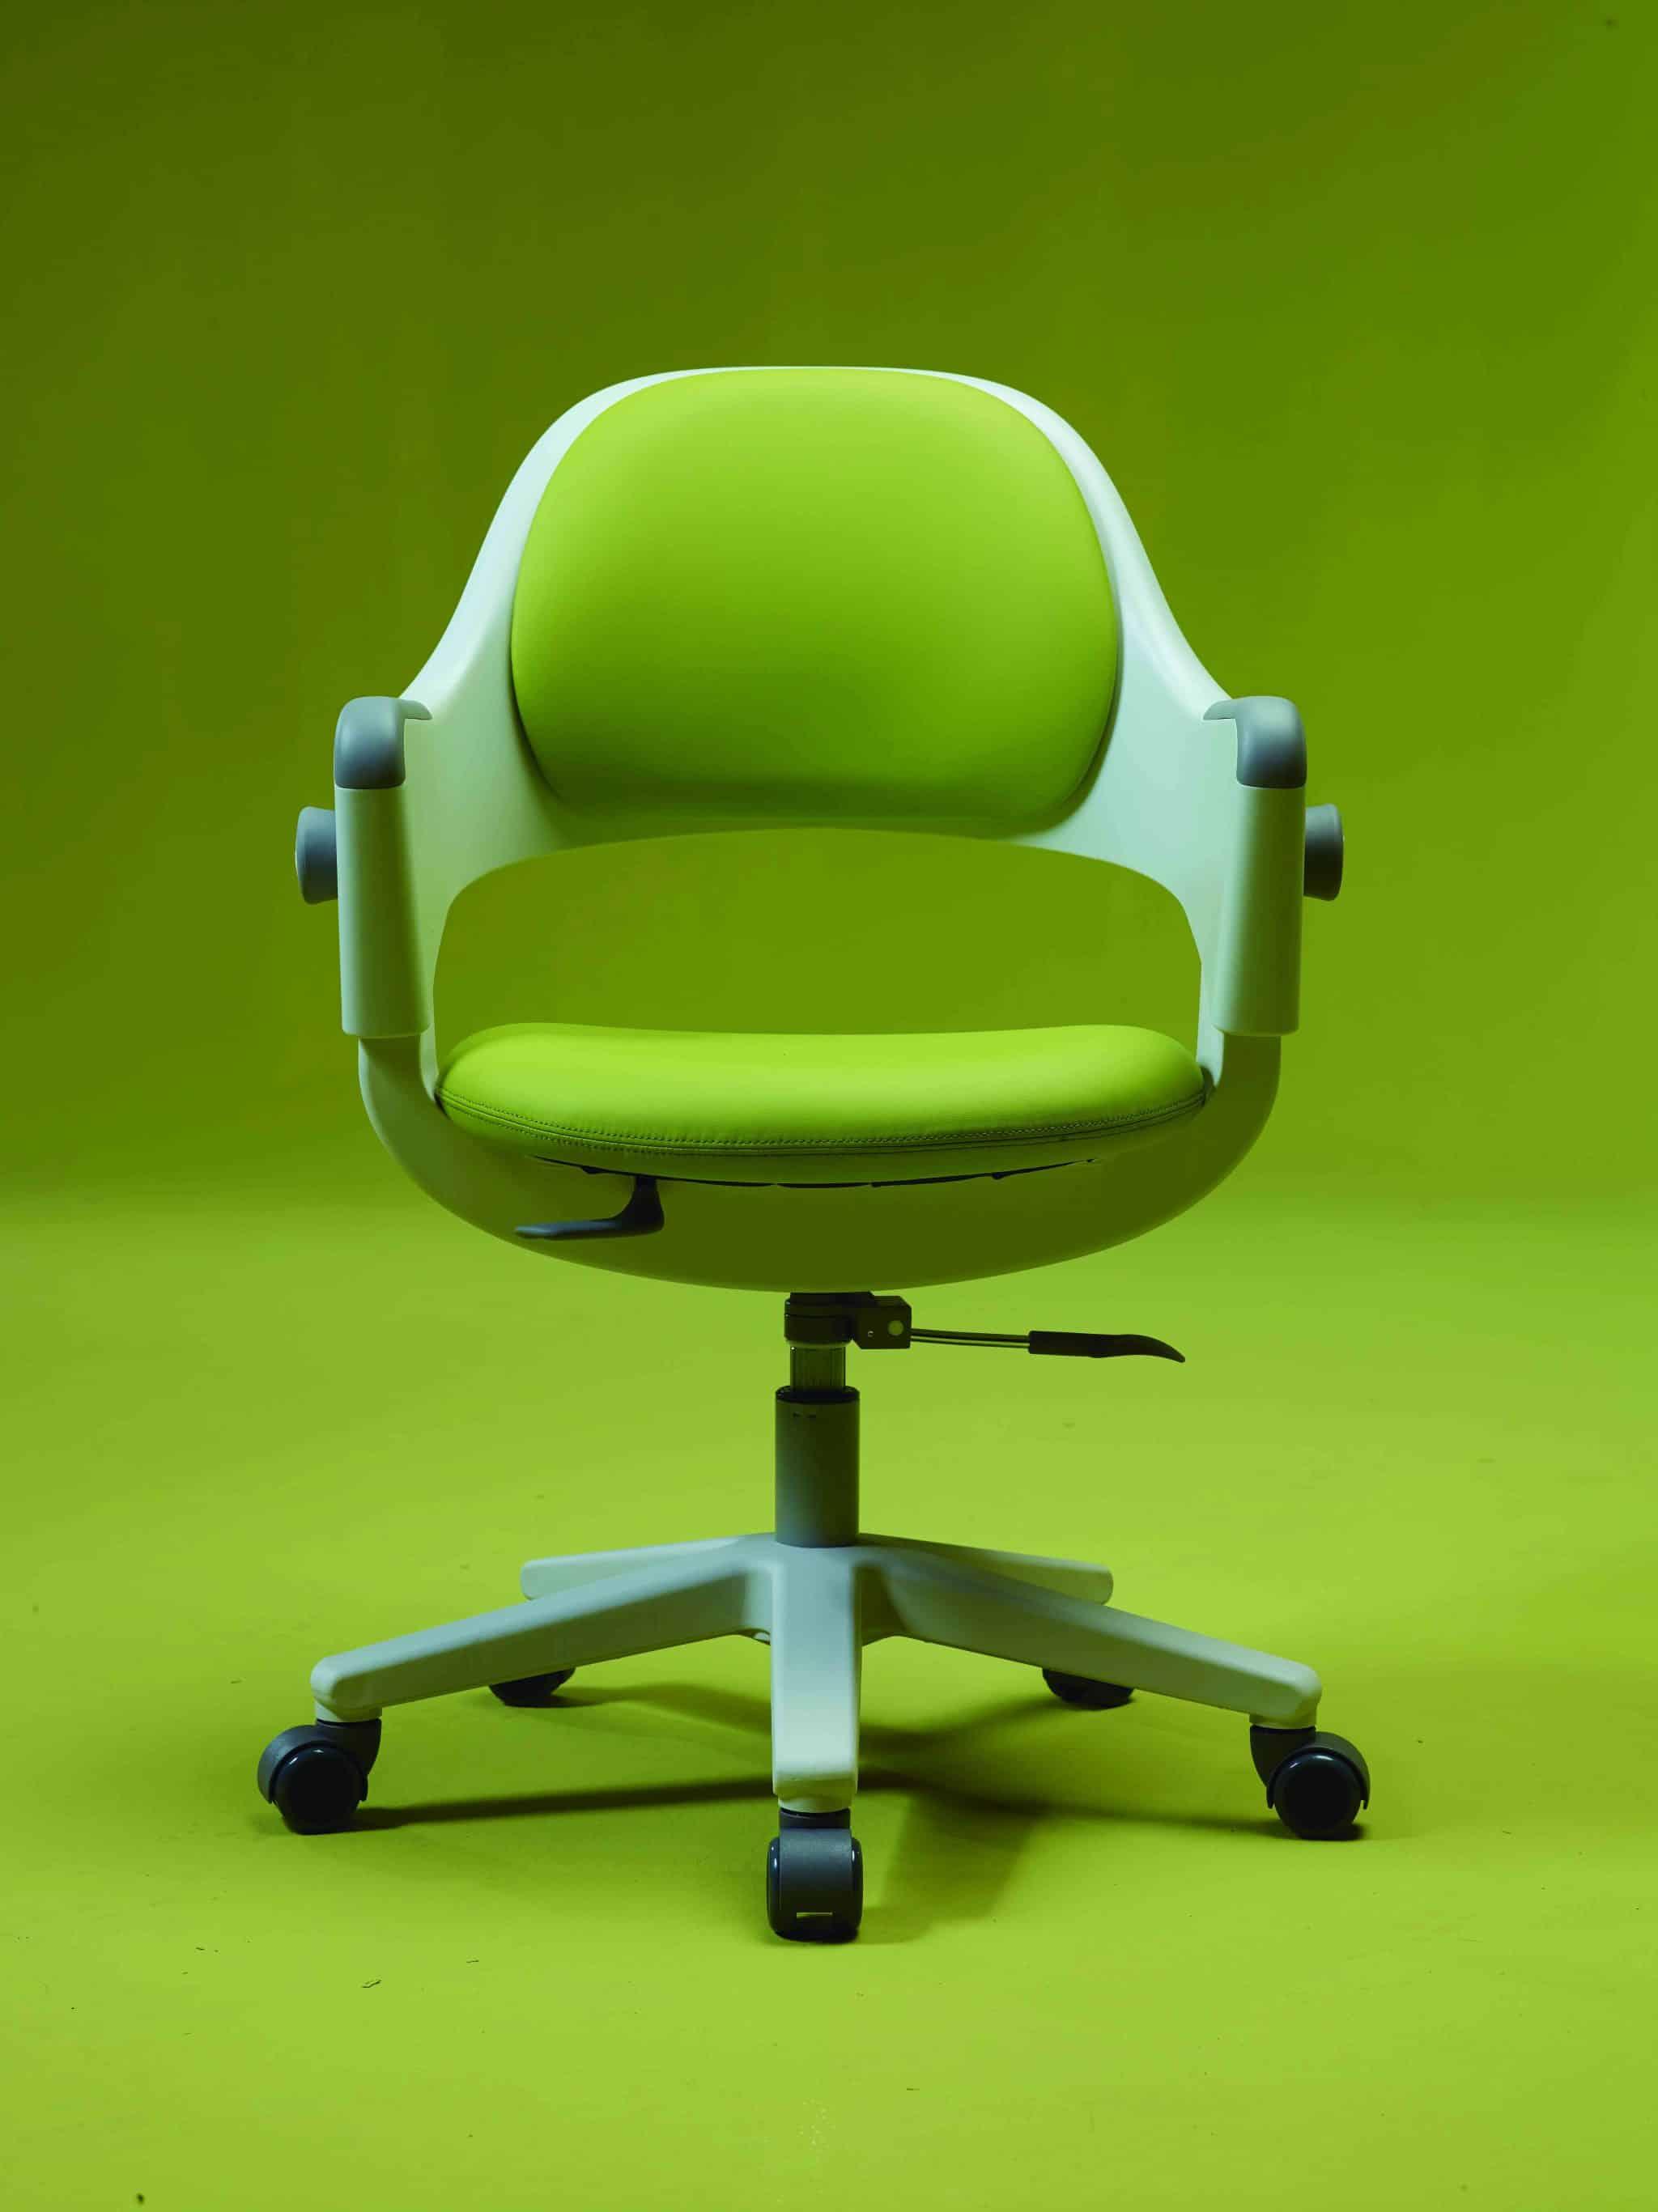 Silla infantil ringo exclusiva para ni os mobiliario for Sillas de oficina infantiles